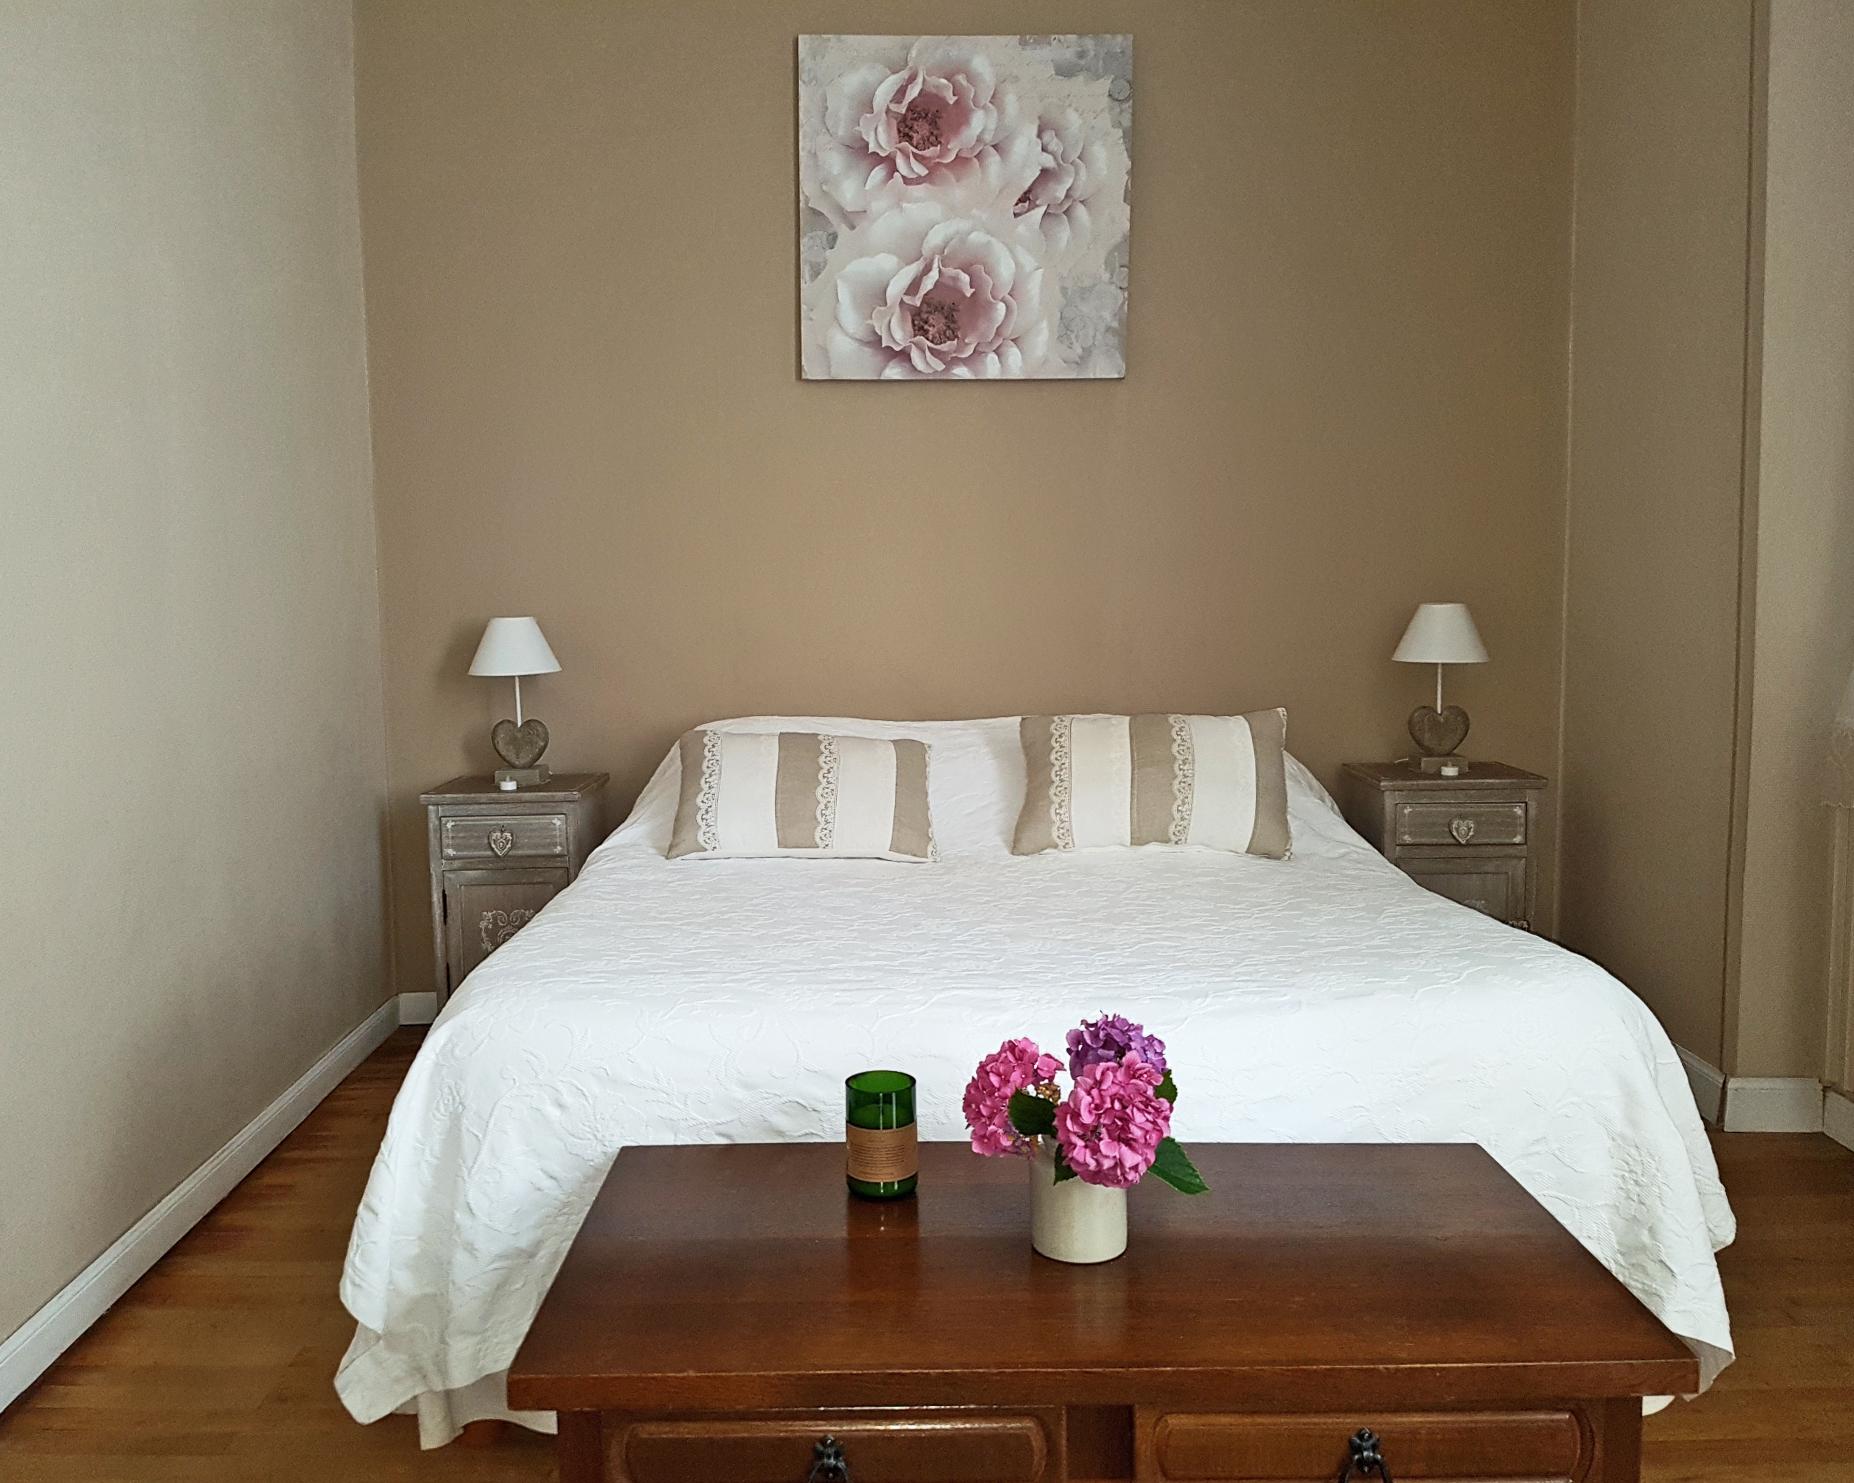 chambres d 39 h tes au c ur du vignoble charentais la bertonni re. Black Bedroom Furniture Sets. Home Design Ideas